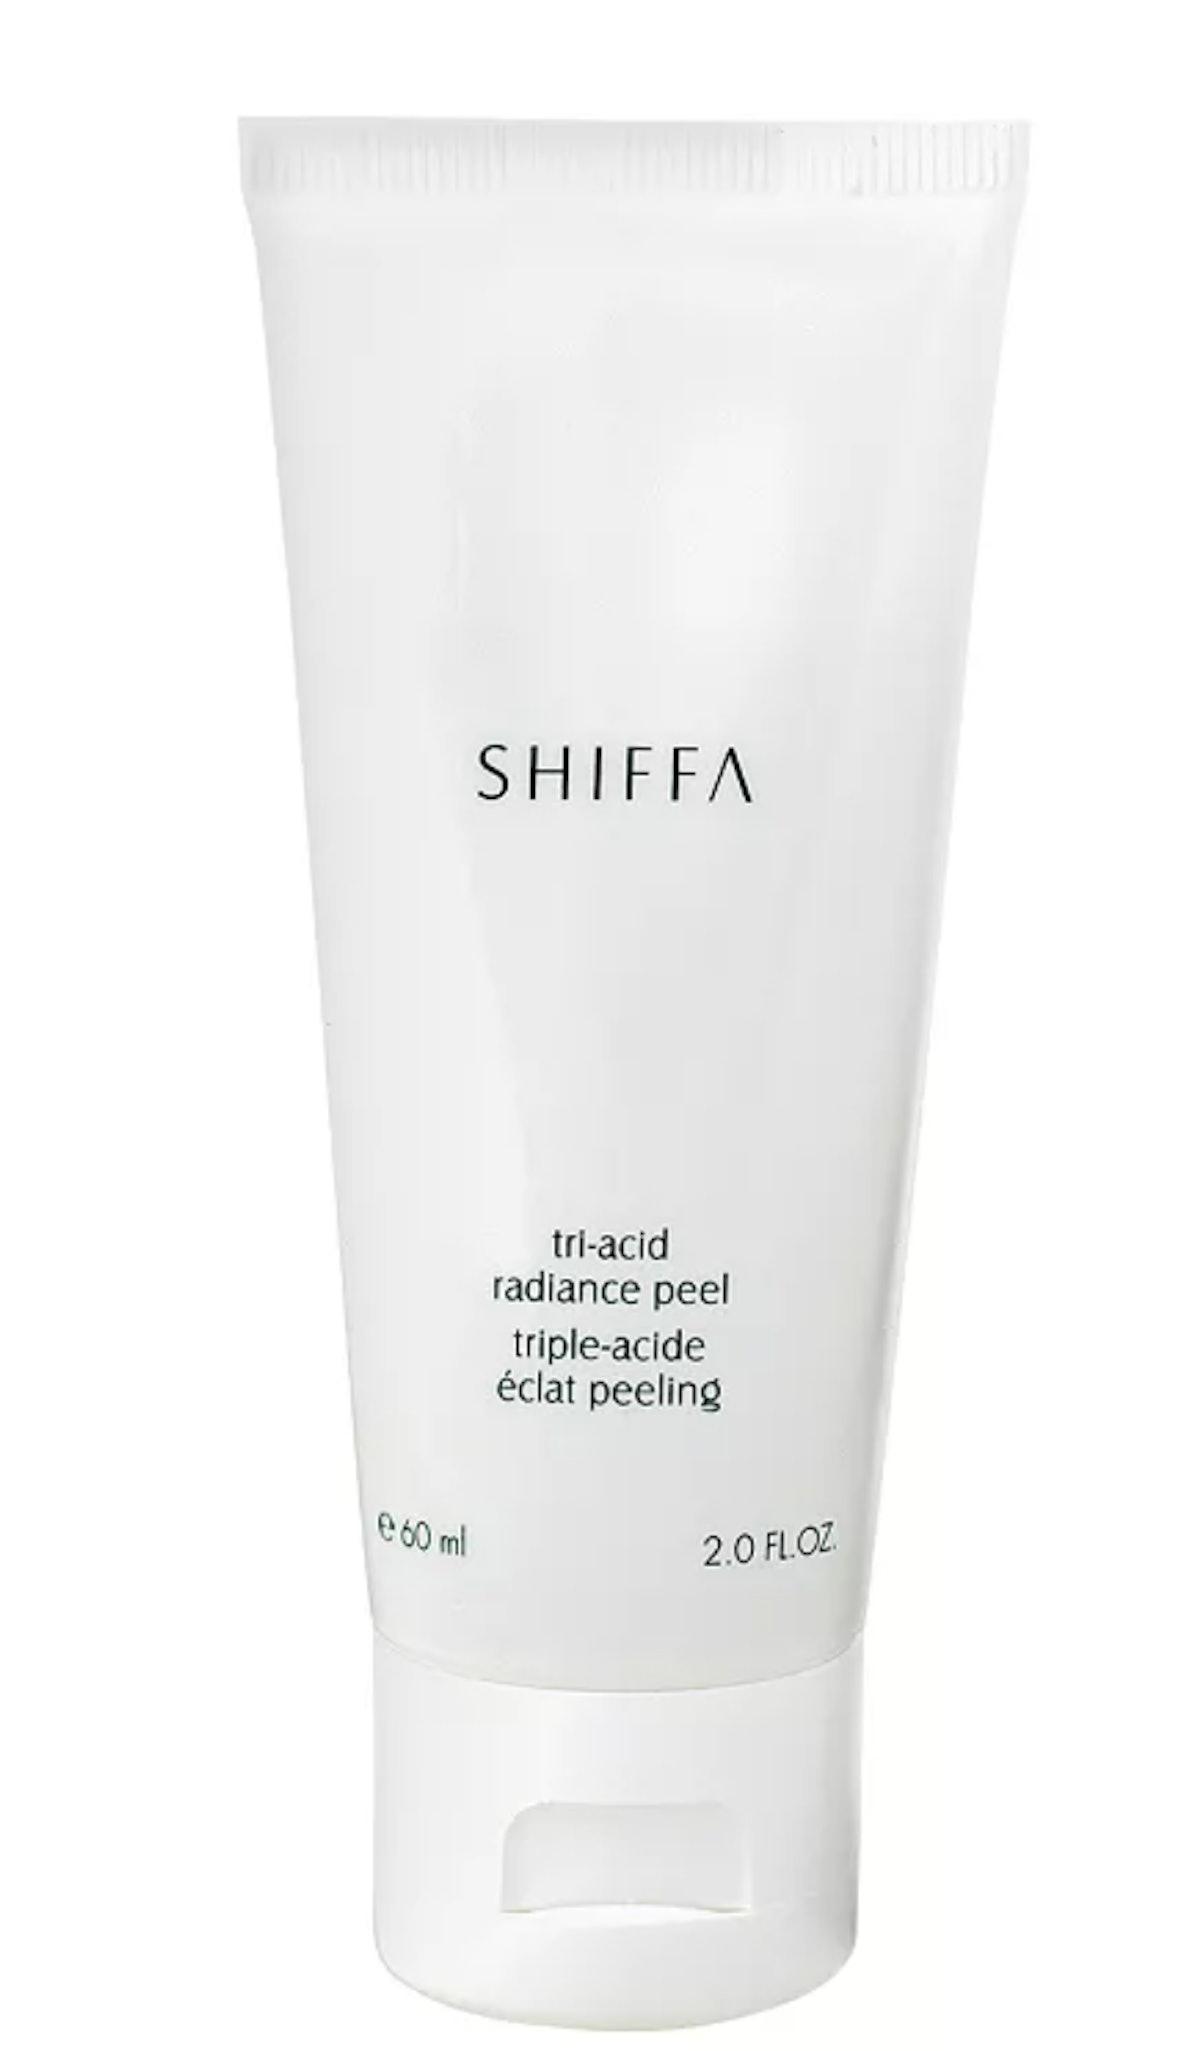 Shiffa Tri-Acid Radiance Peel